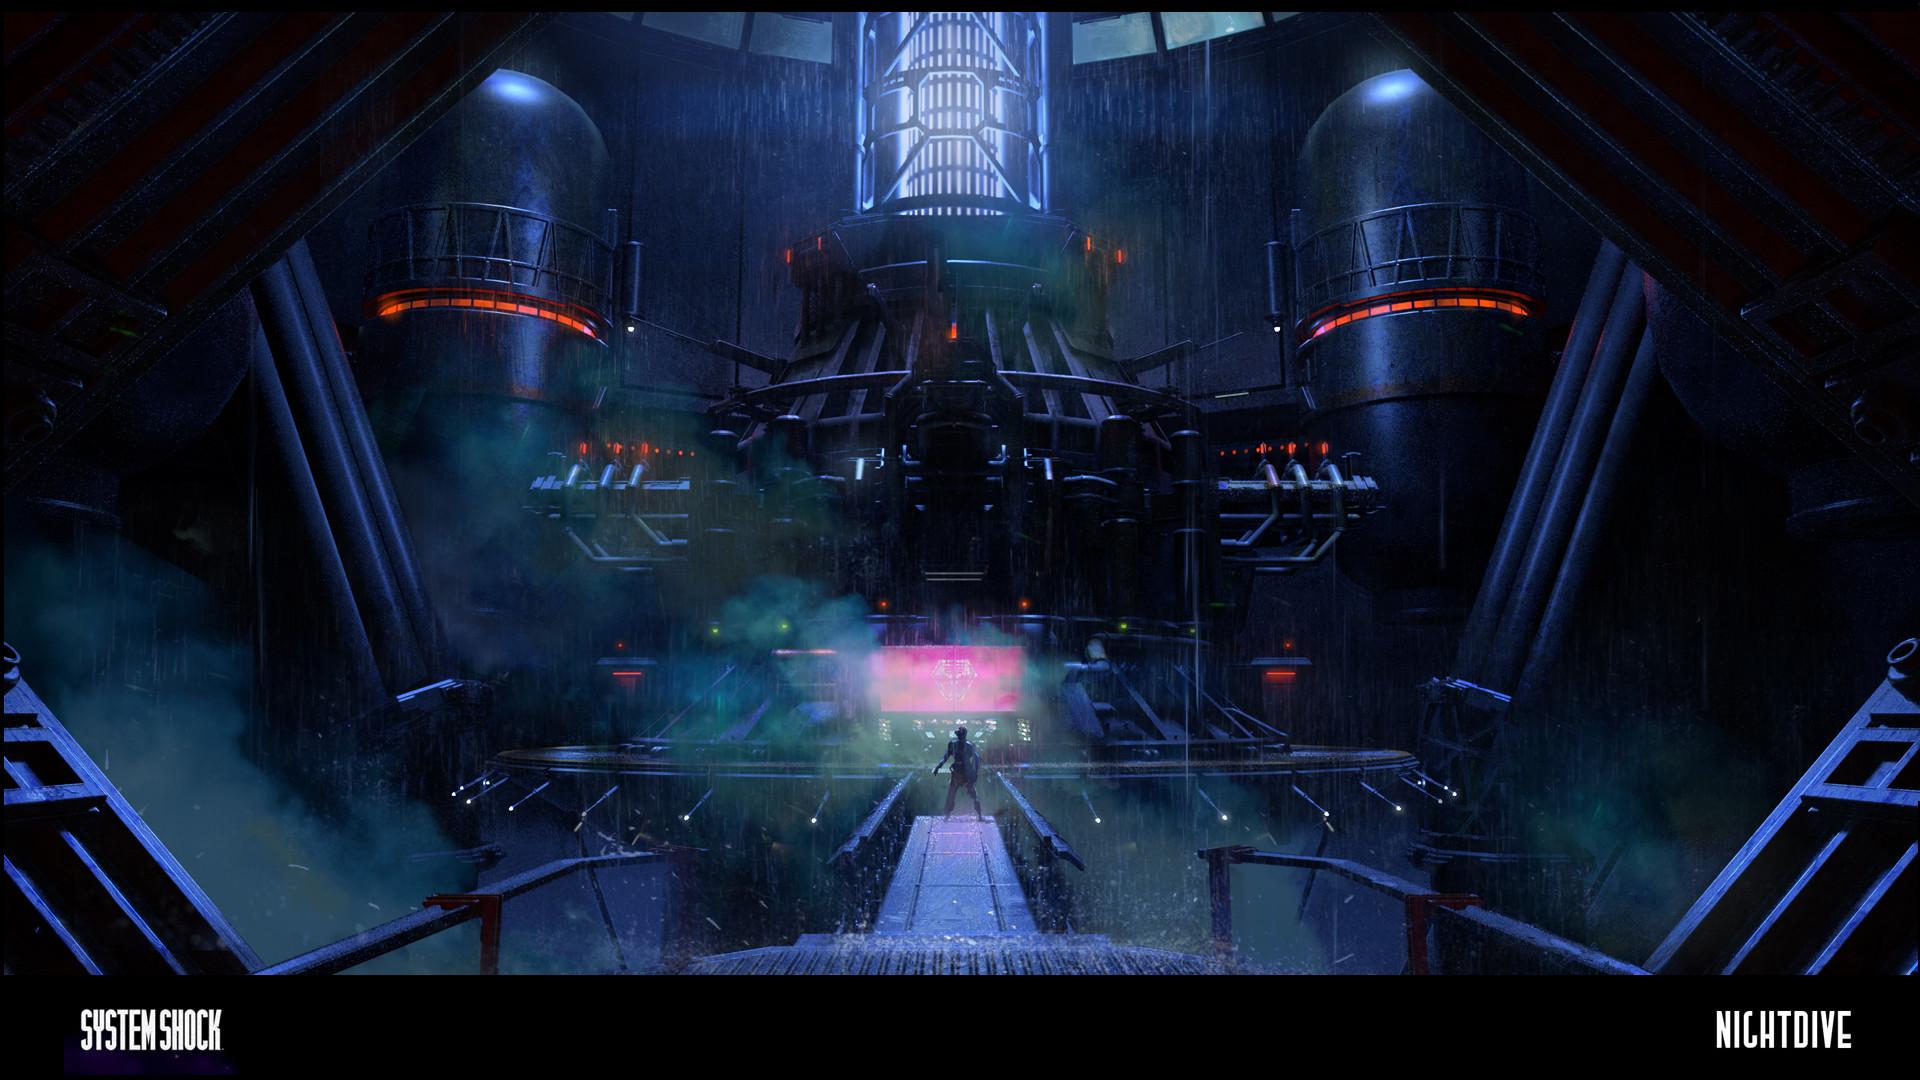 Robert simon reactor concept